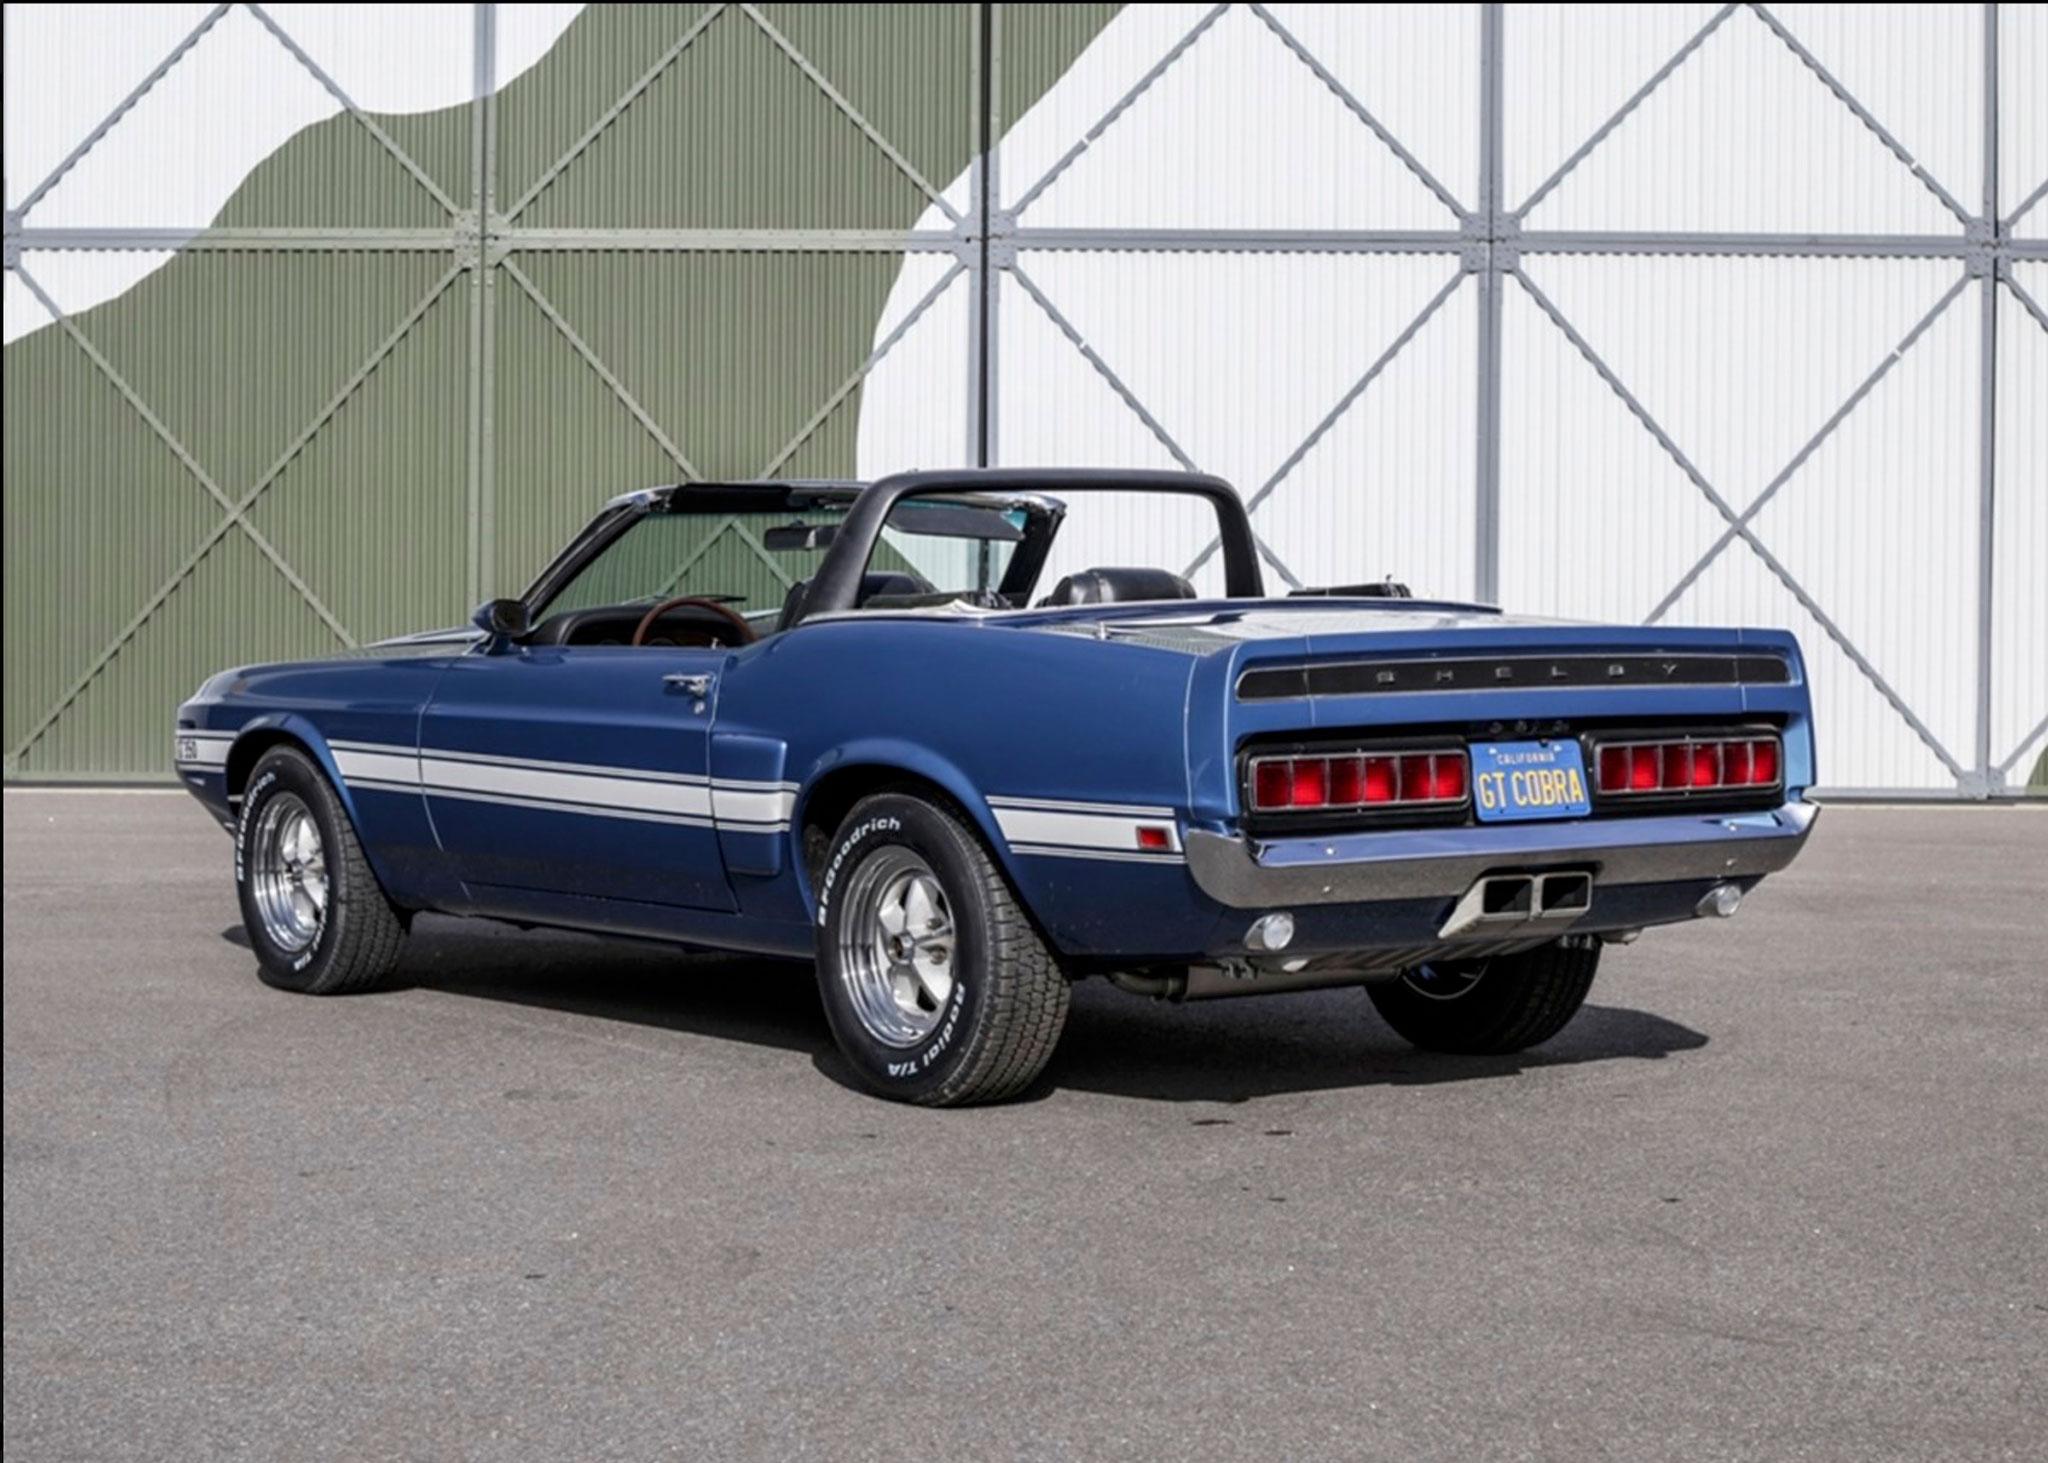 1969 Shelby GT350 Convertible la dernière série fabriquée chez Ford - Coups de Coeur Historics Auctioneers.